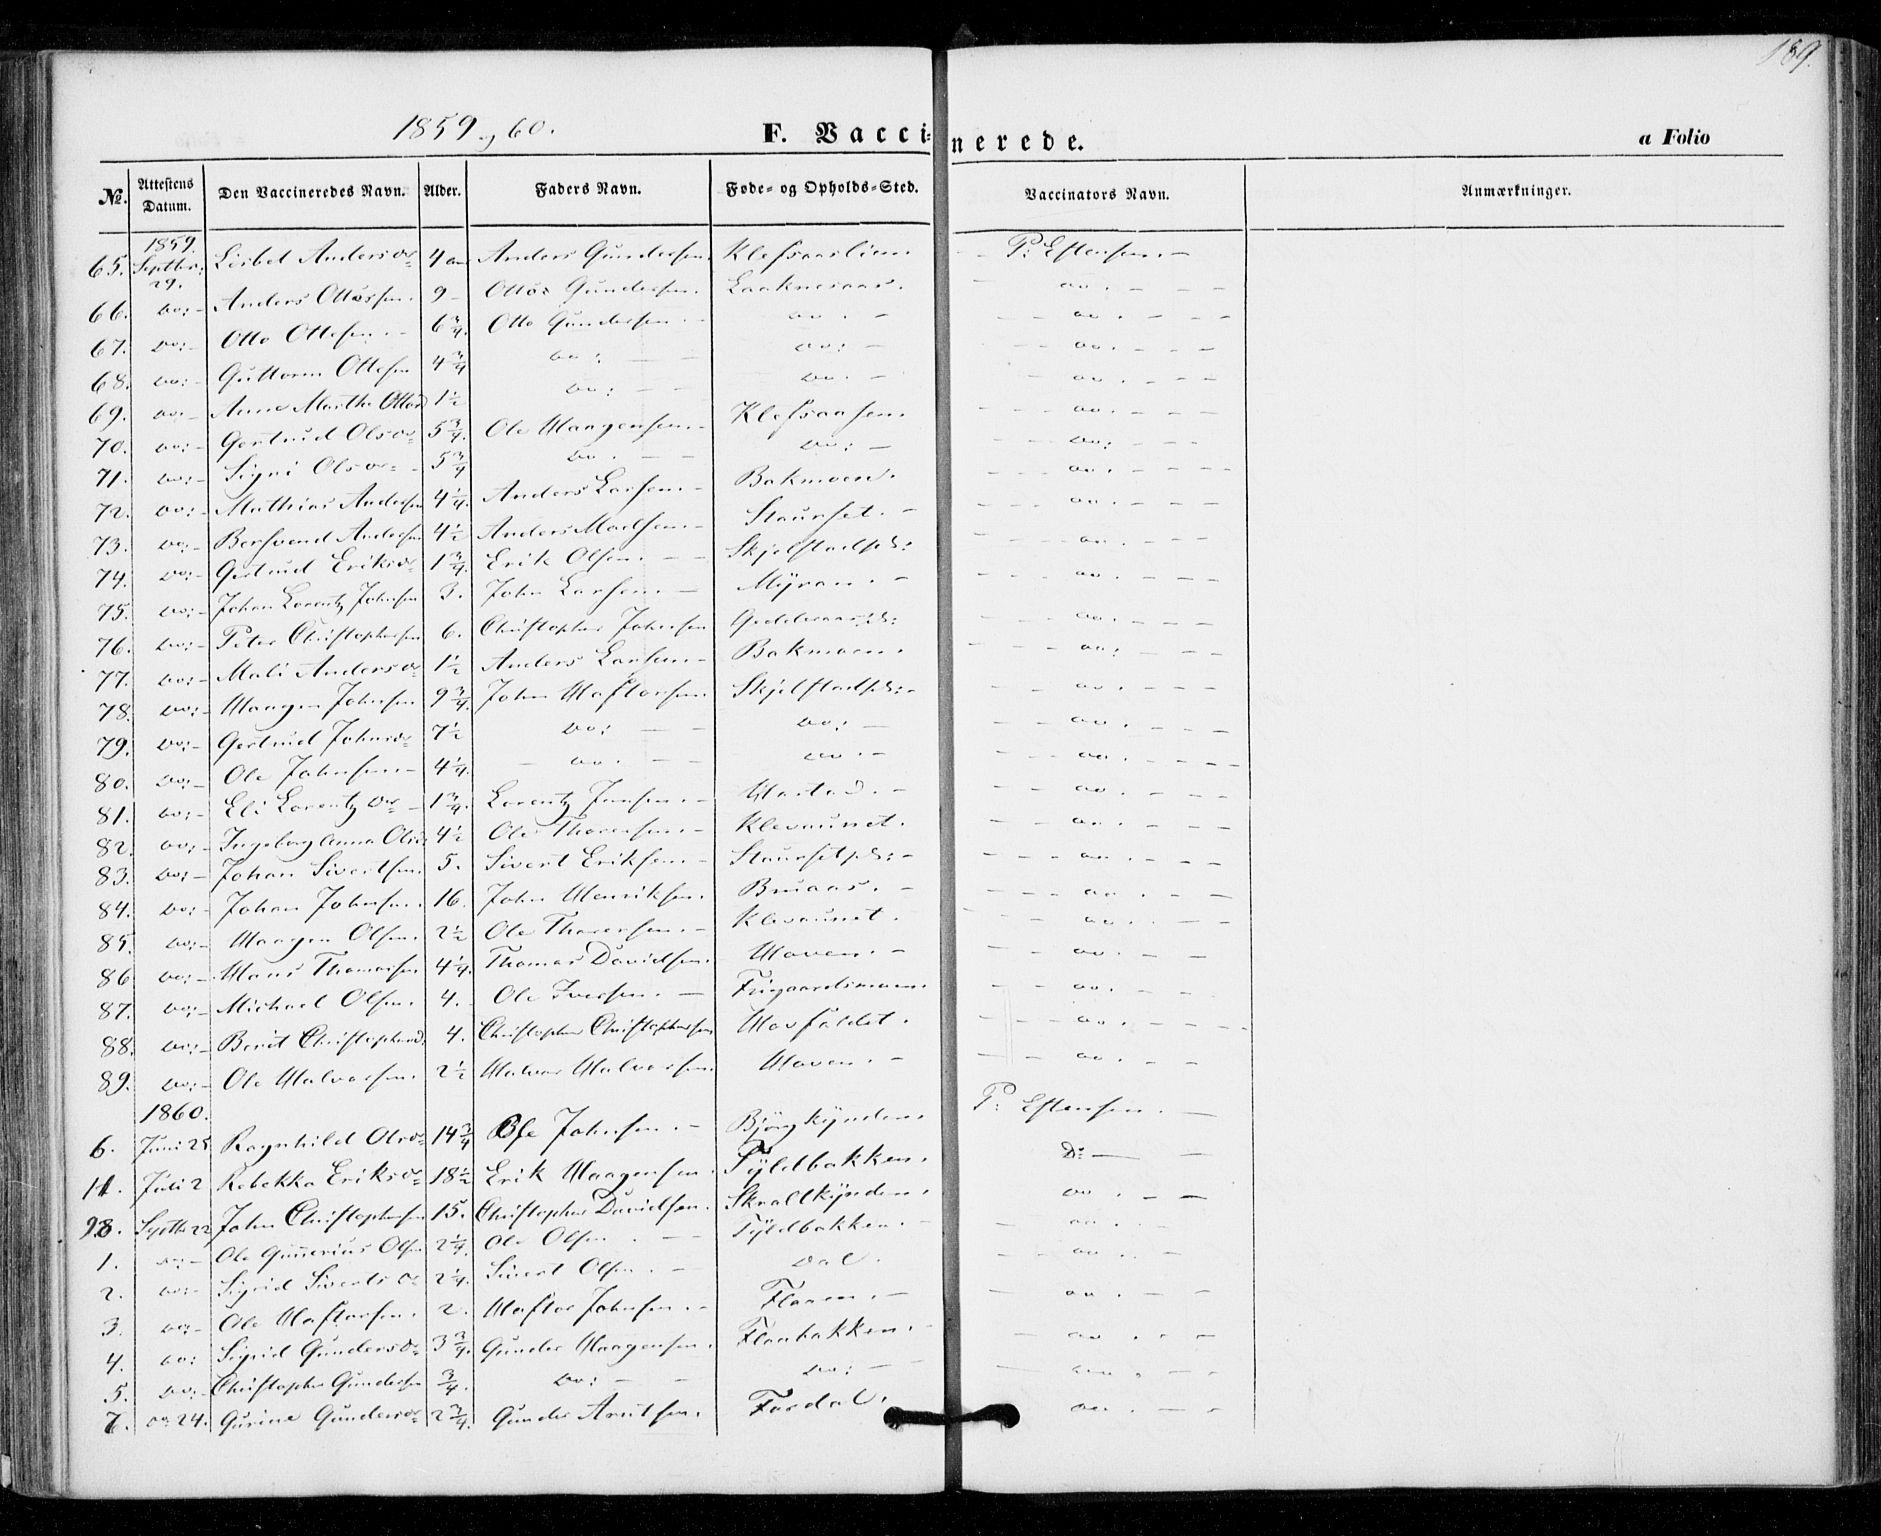 SAT, Ministerialprotokoller, klokkerbøker og fødselsregistre - Nord-Trøndelag, 703/L0028: Ministerialbok nr. 703A01, 1850-1862, s. 189